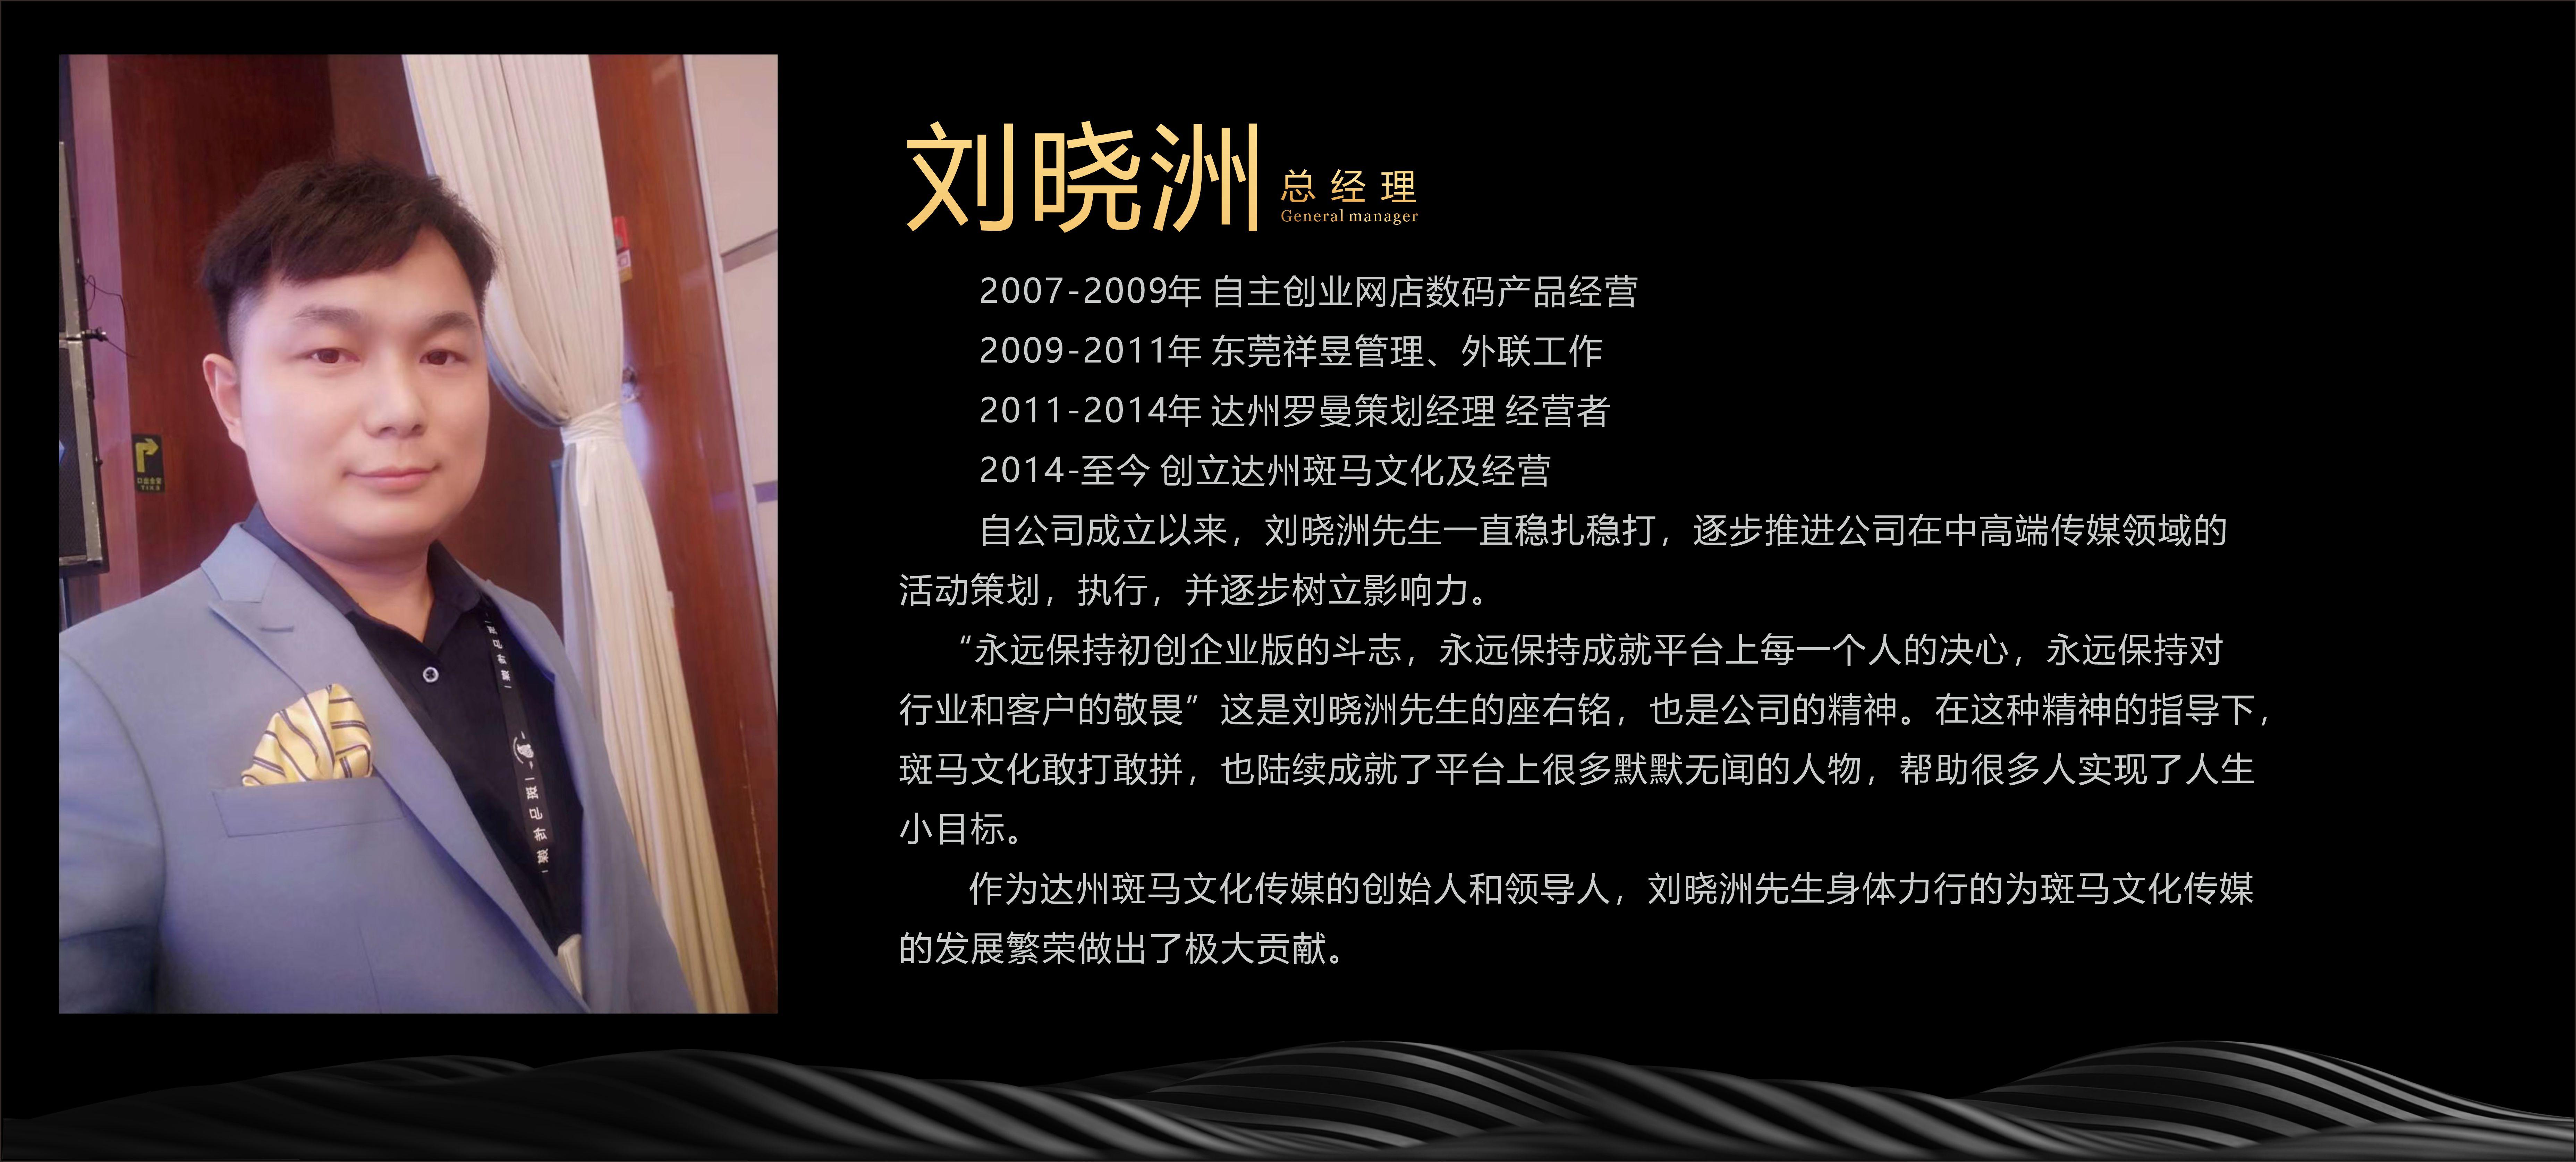 刘晓洲  九游会app官方文化传媒总经理